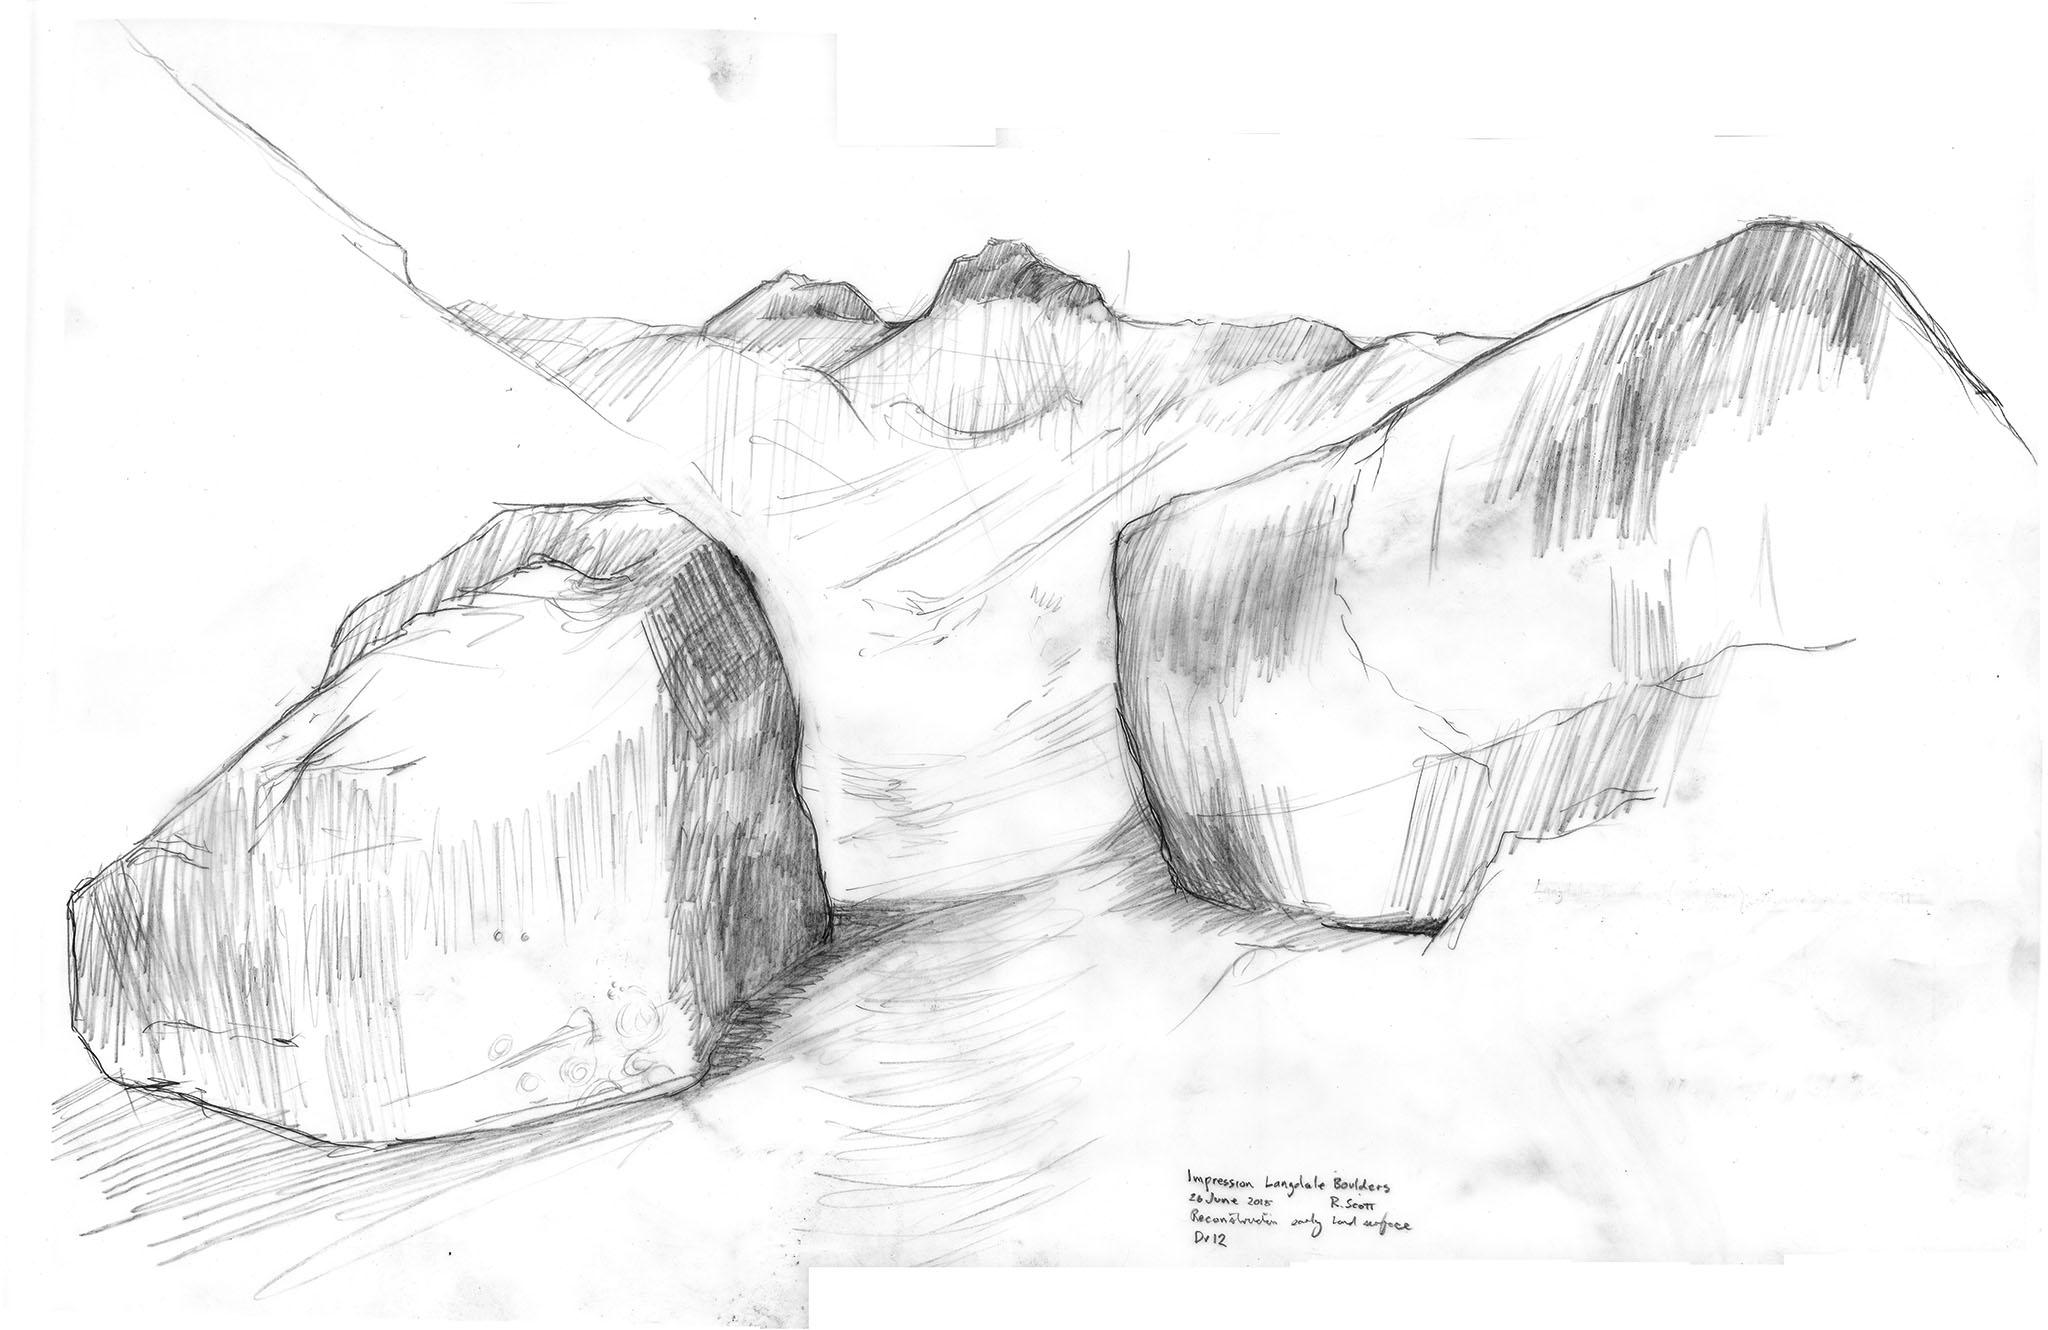 ronnie_boulders_sketch_2048.jpg